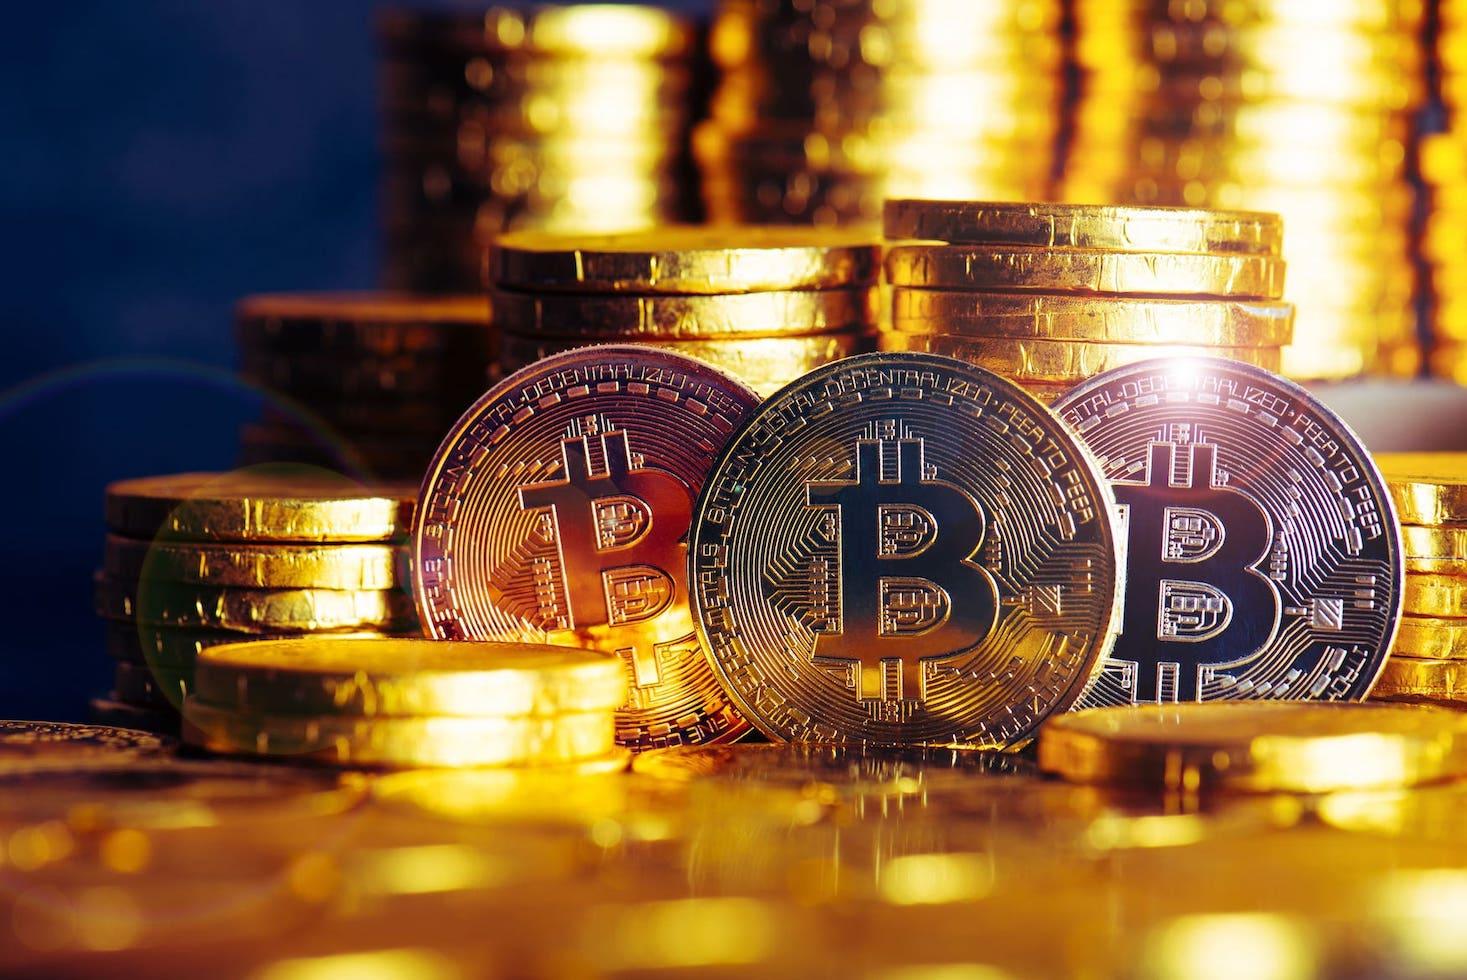 ビットコイン(Bitcoin/BTC)の買い時はいつ?仮想通貨を買うタイミングについて